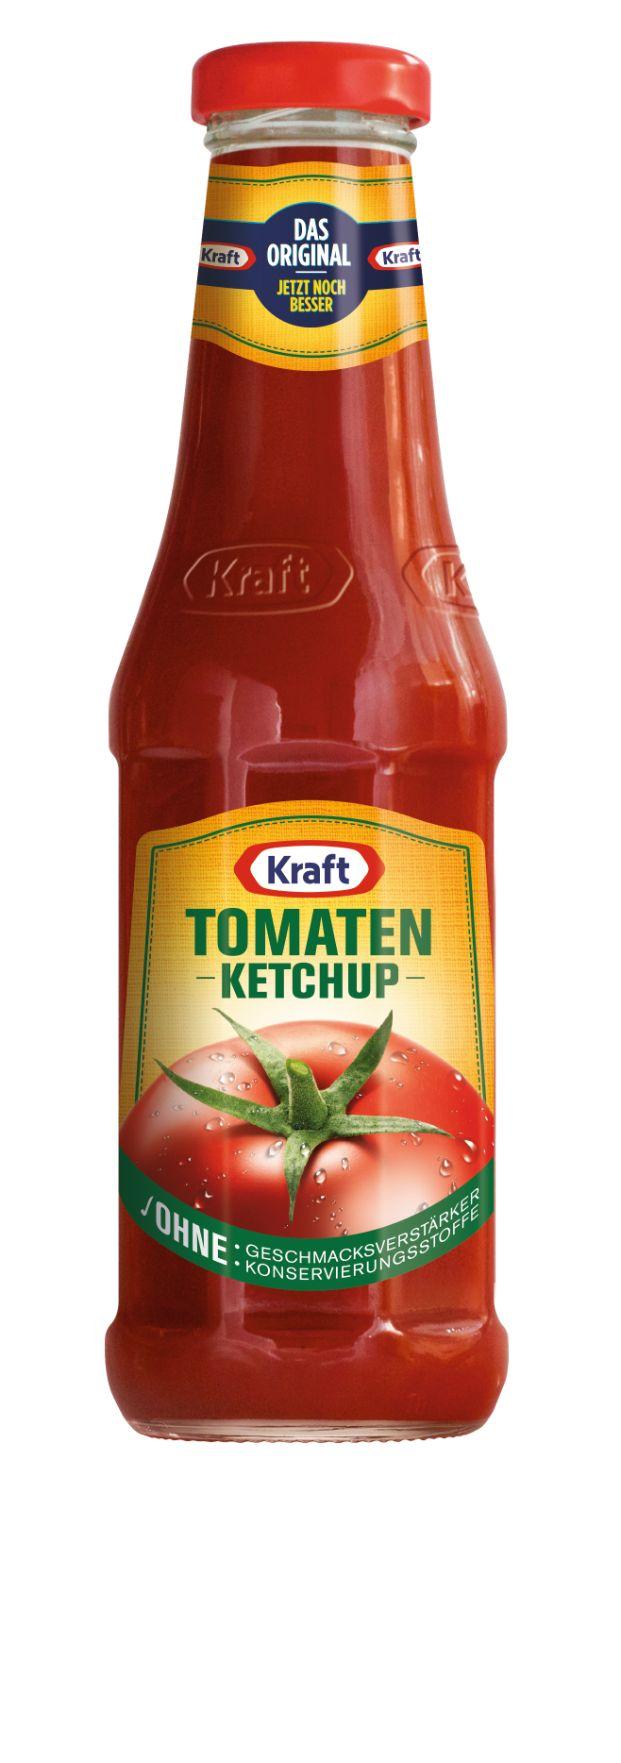 Kraft Tomaten Ketchup 500ml image